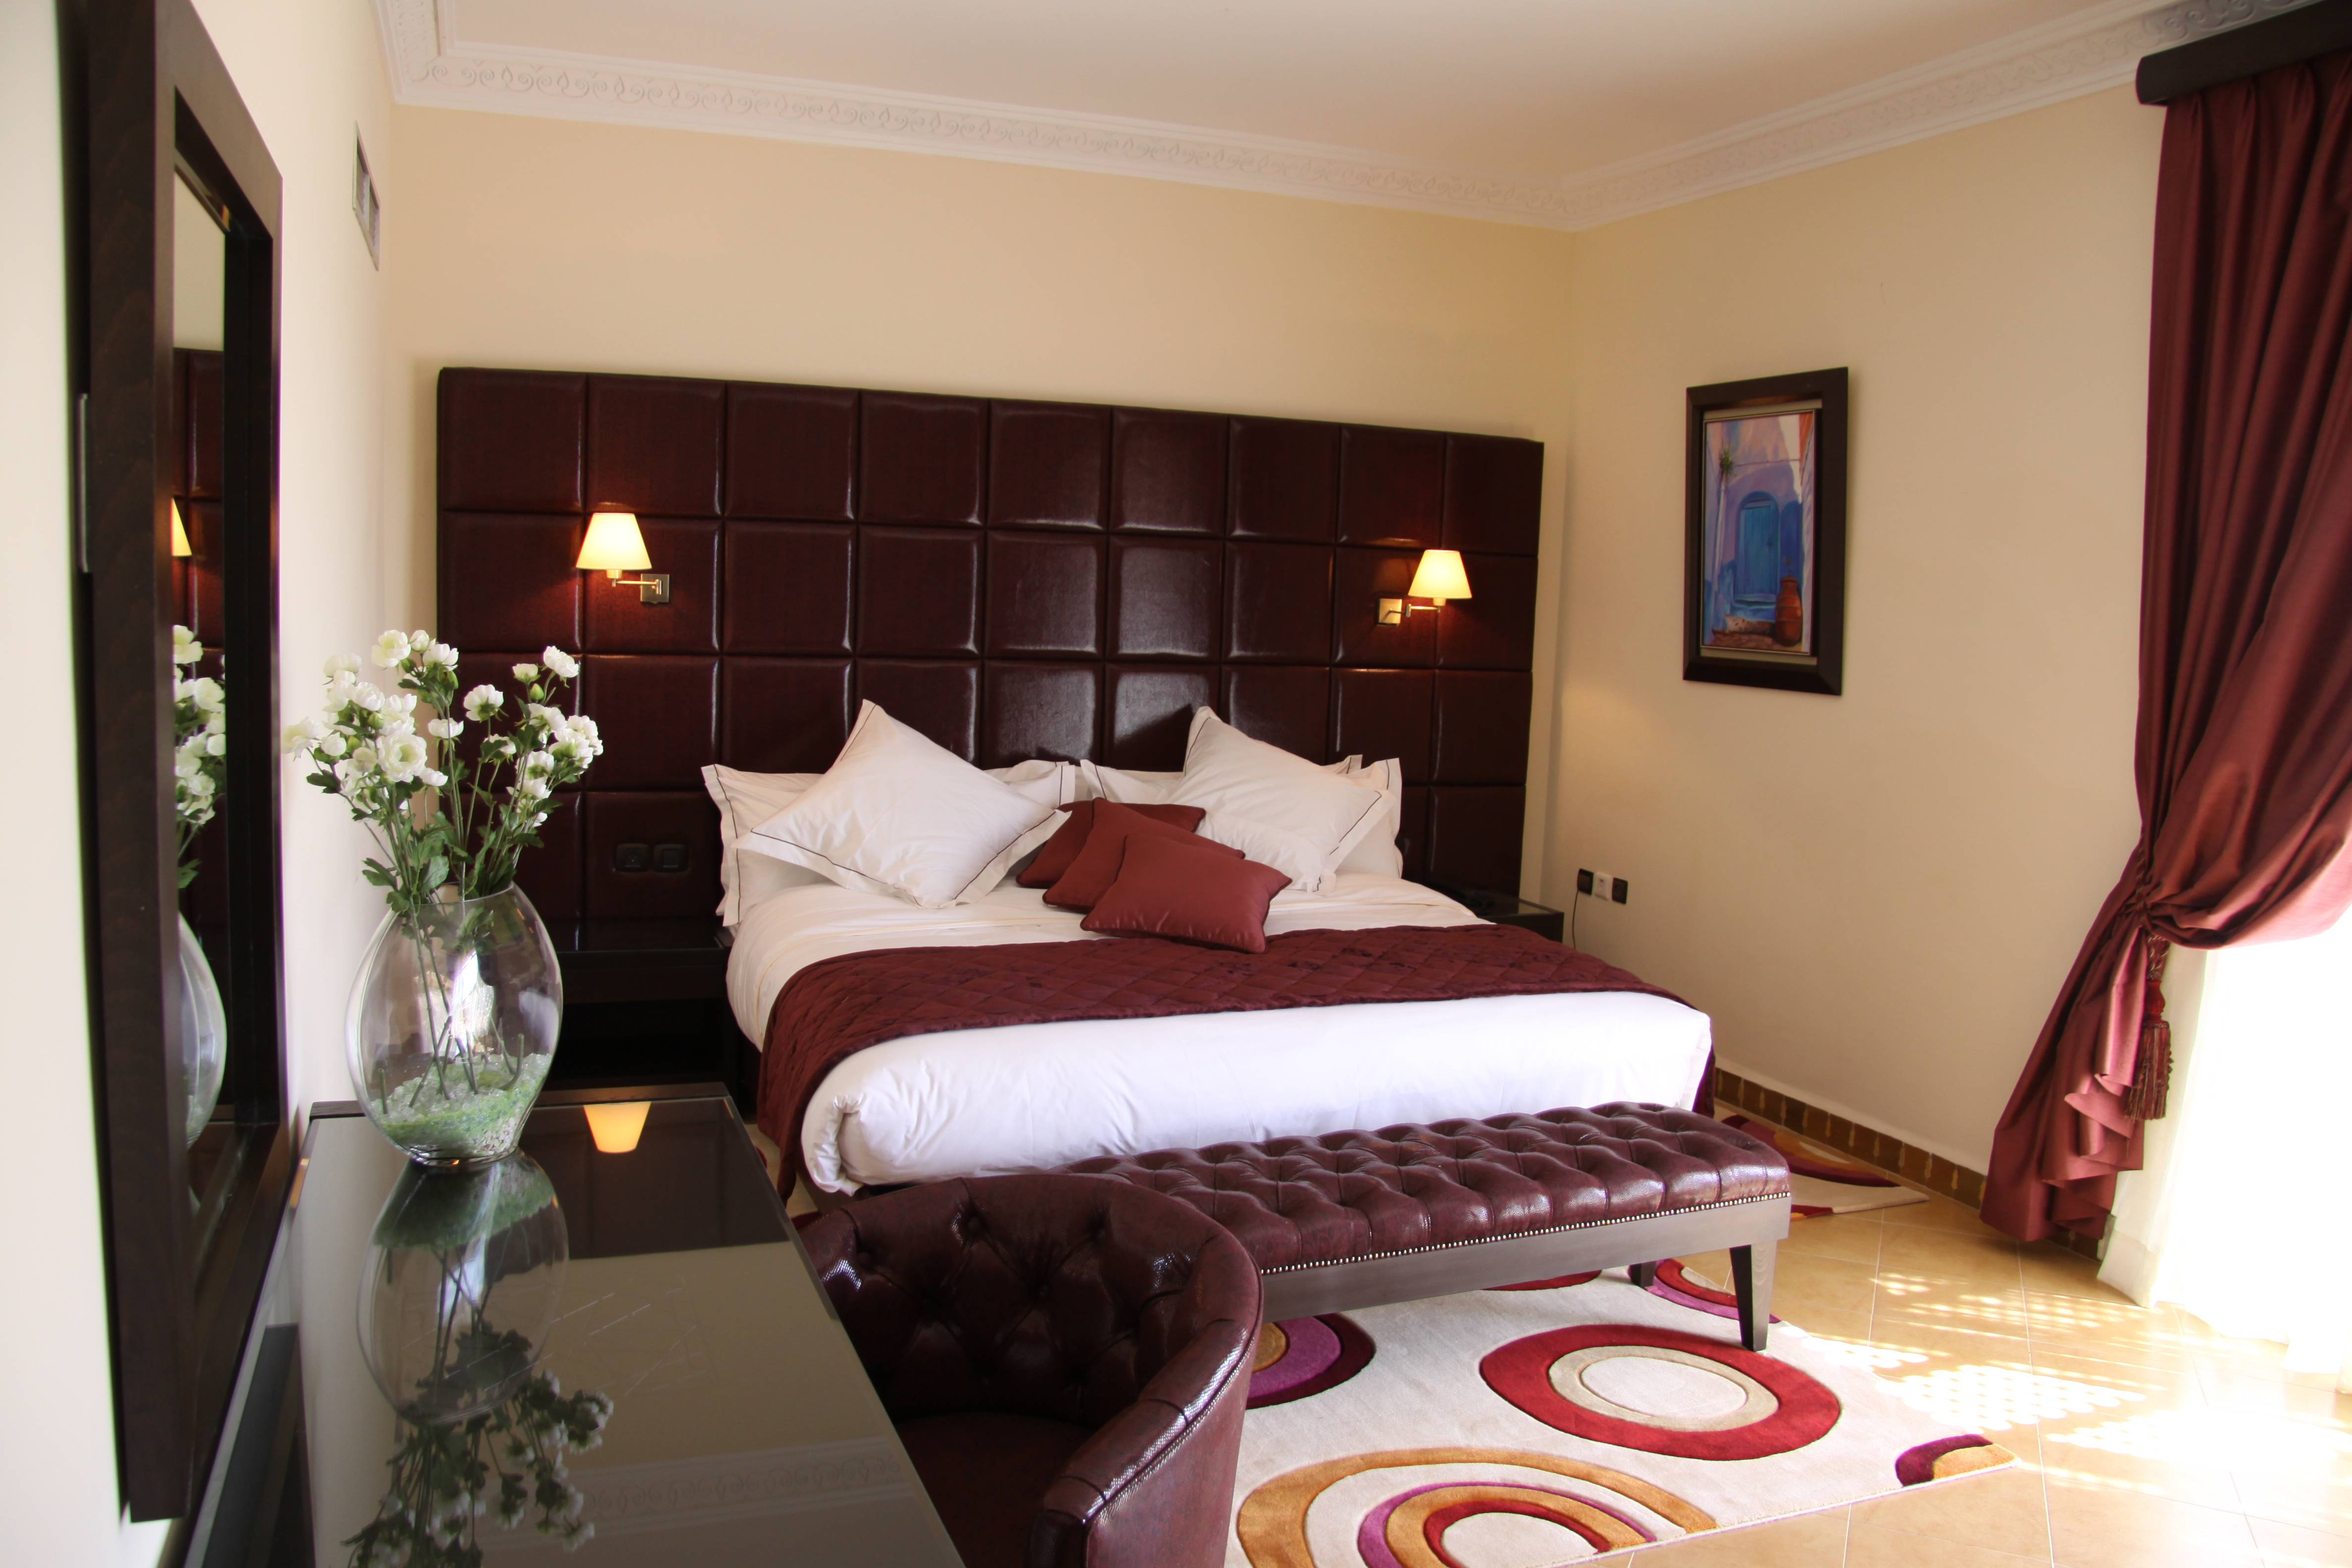 Hotel vatel golf spa marrakech - Prix chambre hotel mamounia marrakech ...